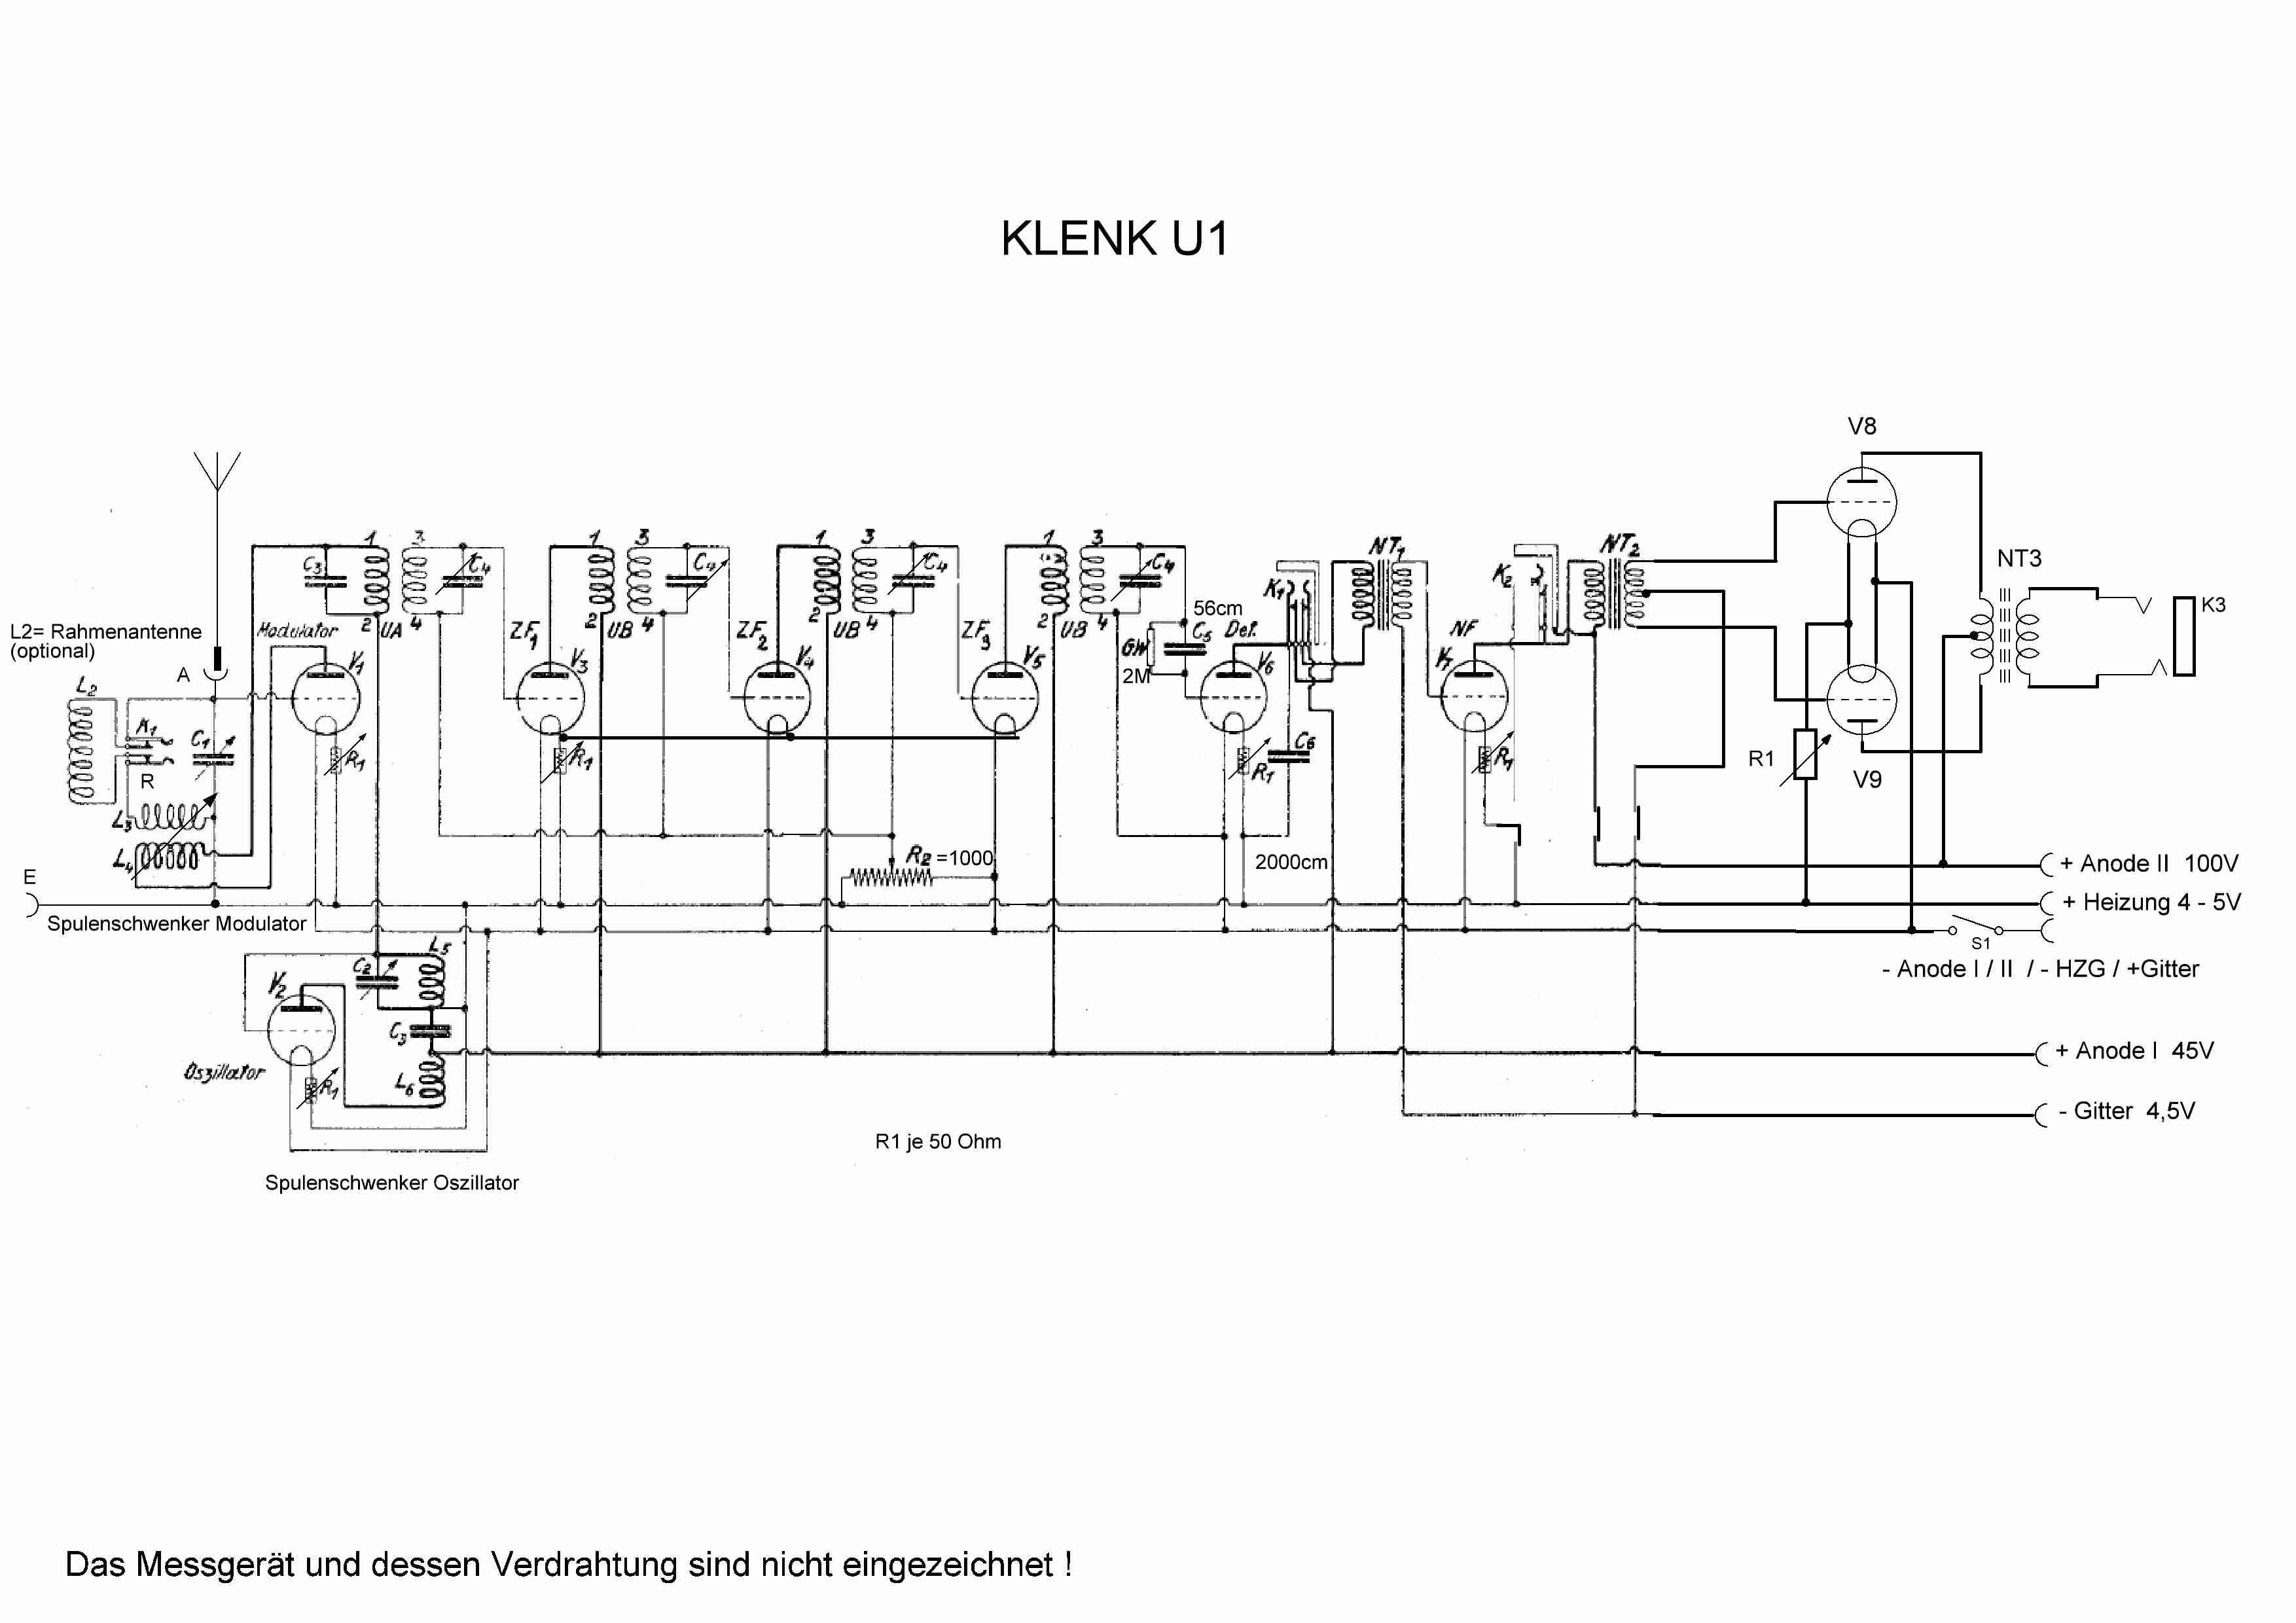 U1 Radio Klenk & Co.; Stuttgart, build 1925 ?, 10 pictures